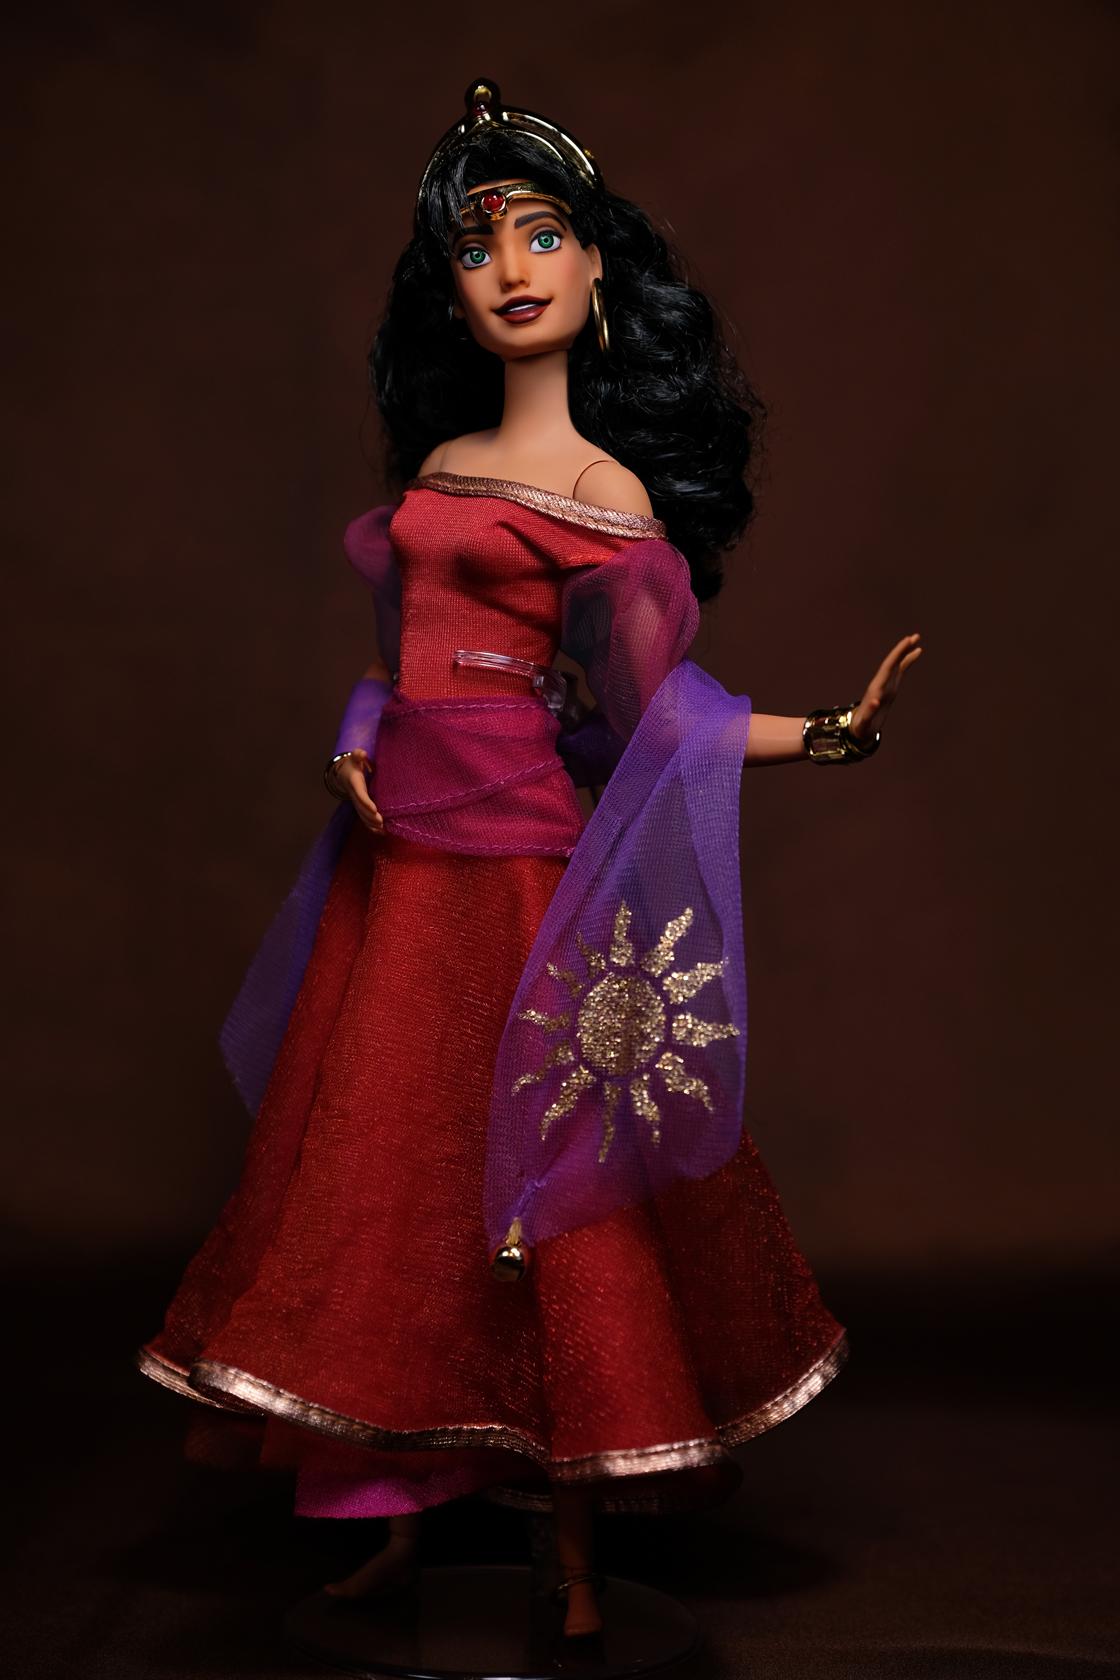 esmeralda_ooak_doll_4